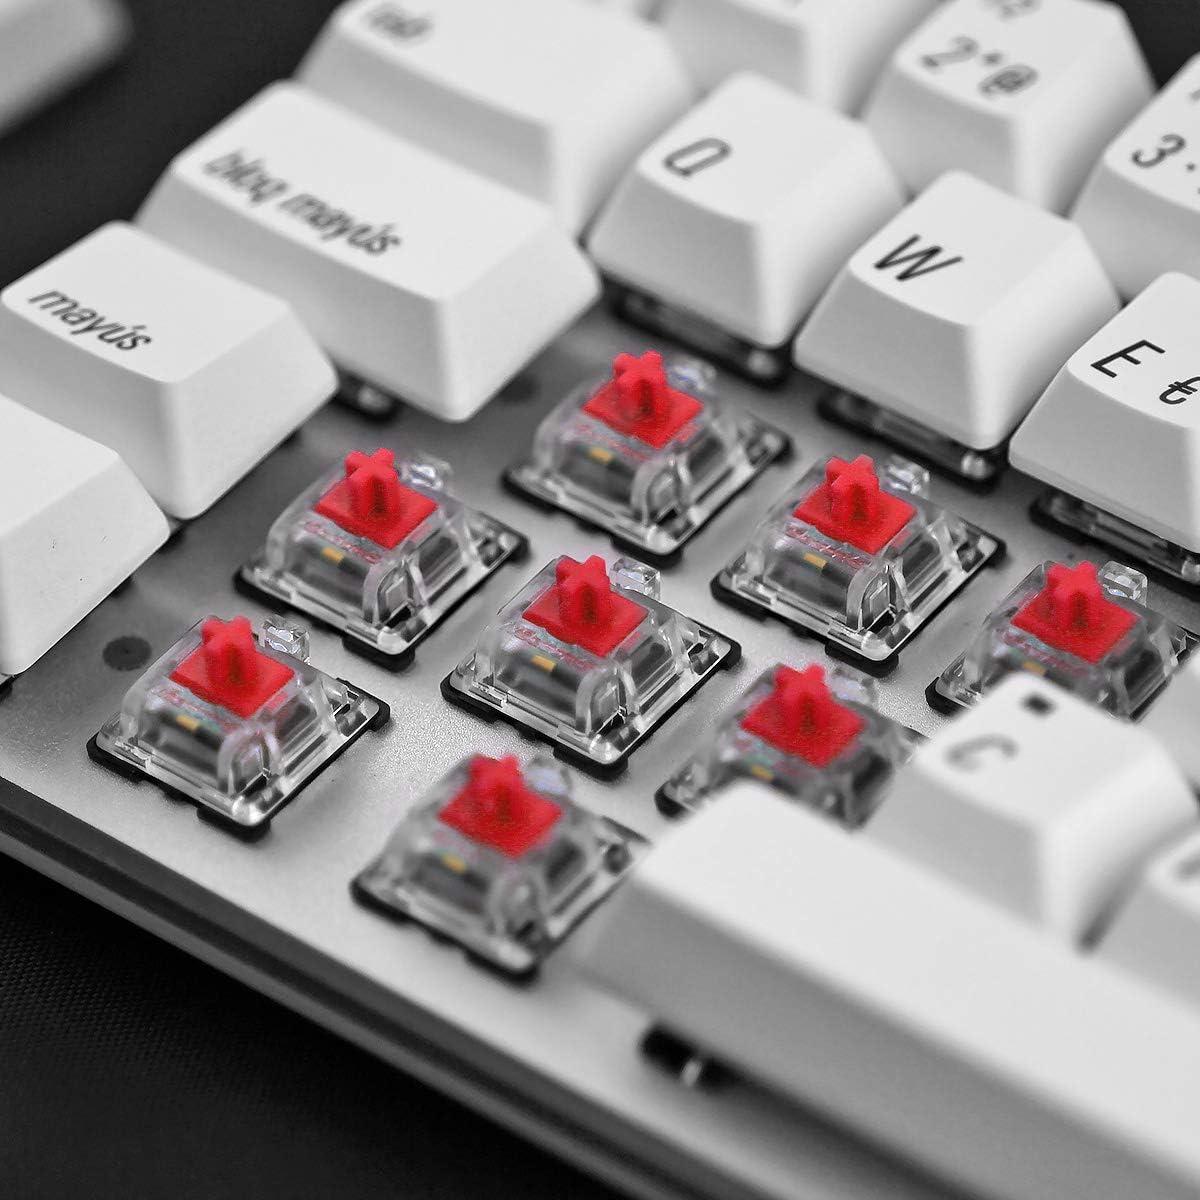 Qisan Cableado Mecánico Cableado Teclado de Juego Teclas PBT 69 Teclas Gateron Rojo Interruptor Blanco Retroiluminado ES QWERTY Disposición Juego ...